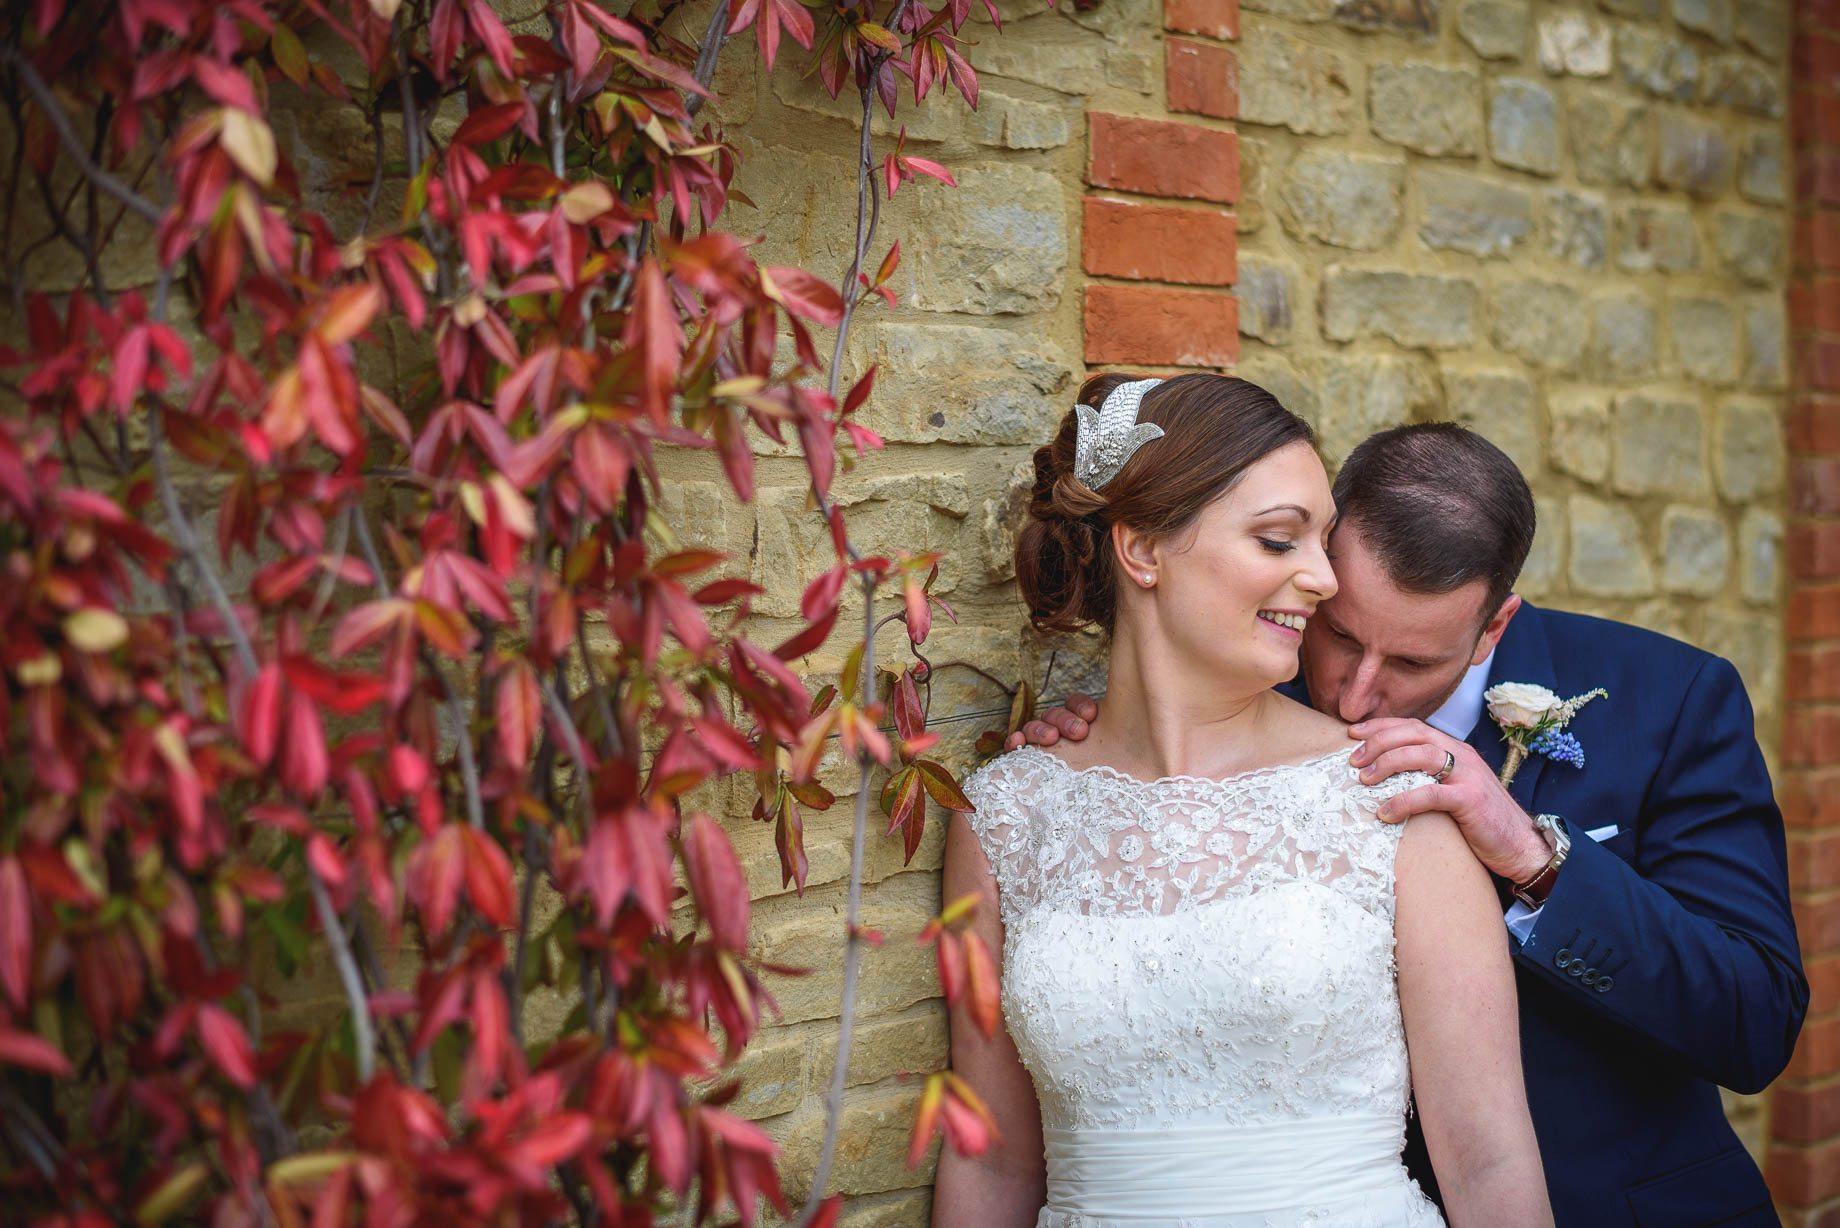 Millbridge Court Wedding Photography - Lisa and Daniel (95 of 173)